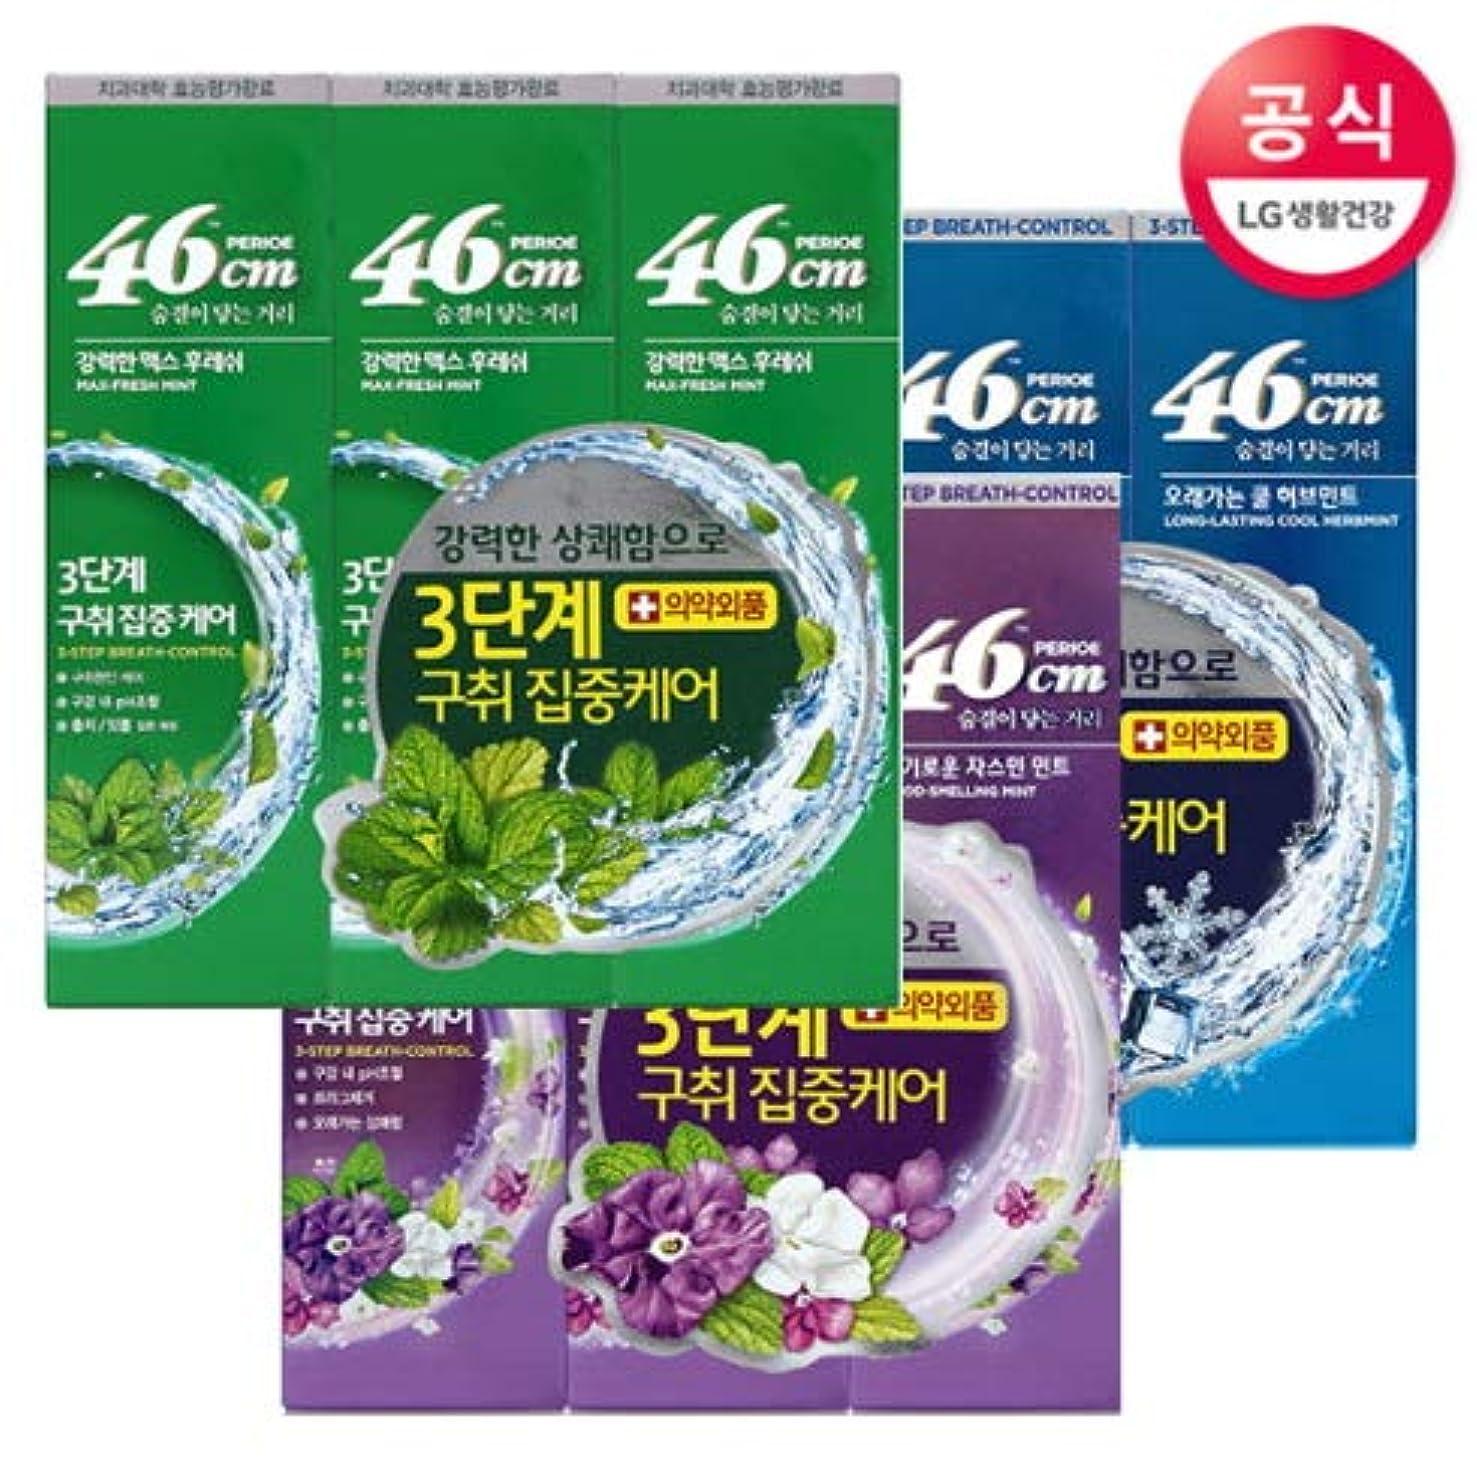 計画突然の相反する[LG HnB] Perio 46cm toothpaste /ペリオ46cm歯磨き粉 100gx9個(海外直送品)